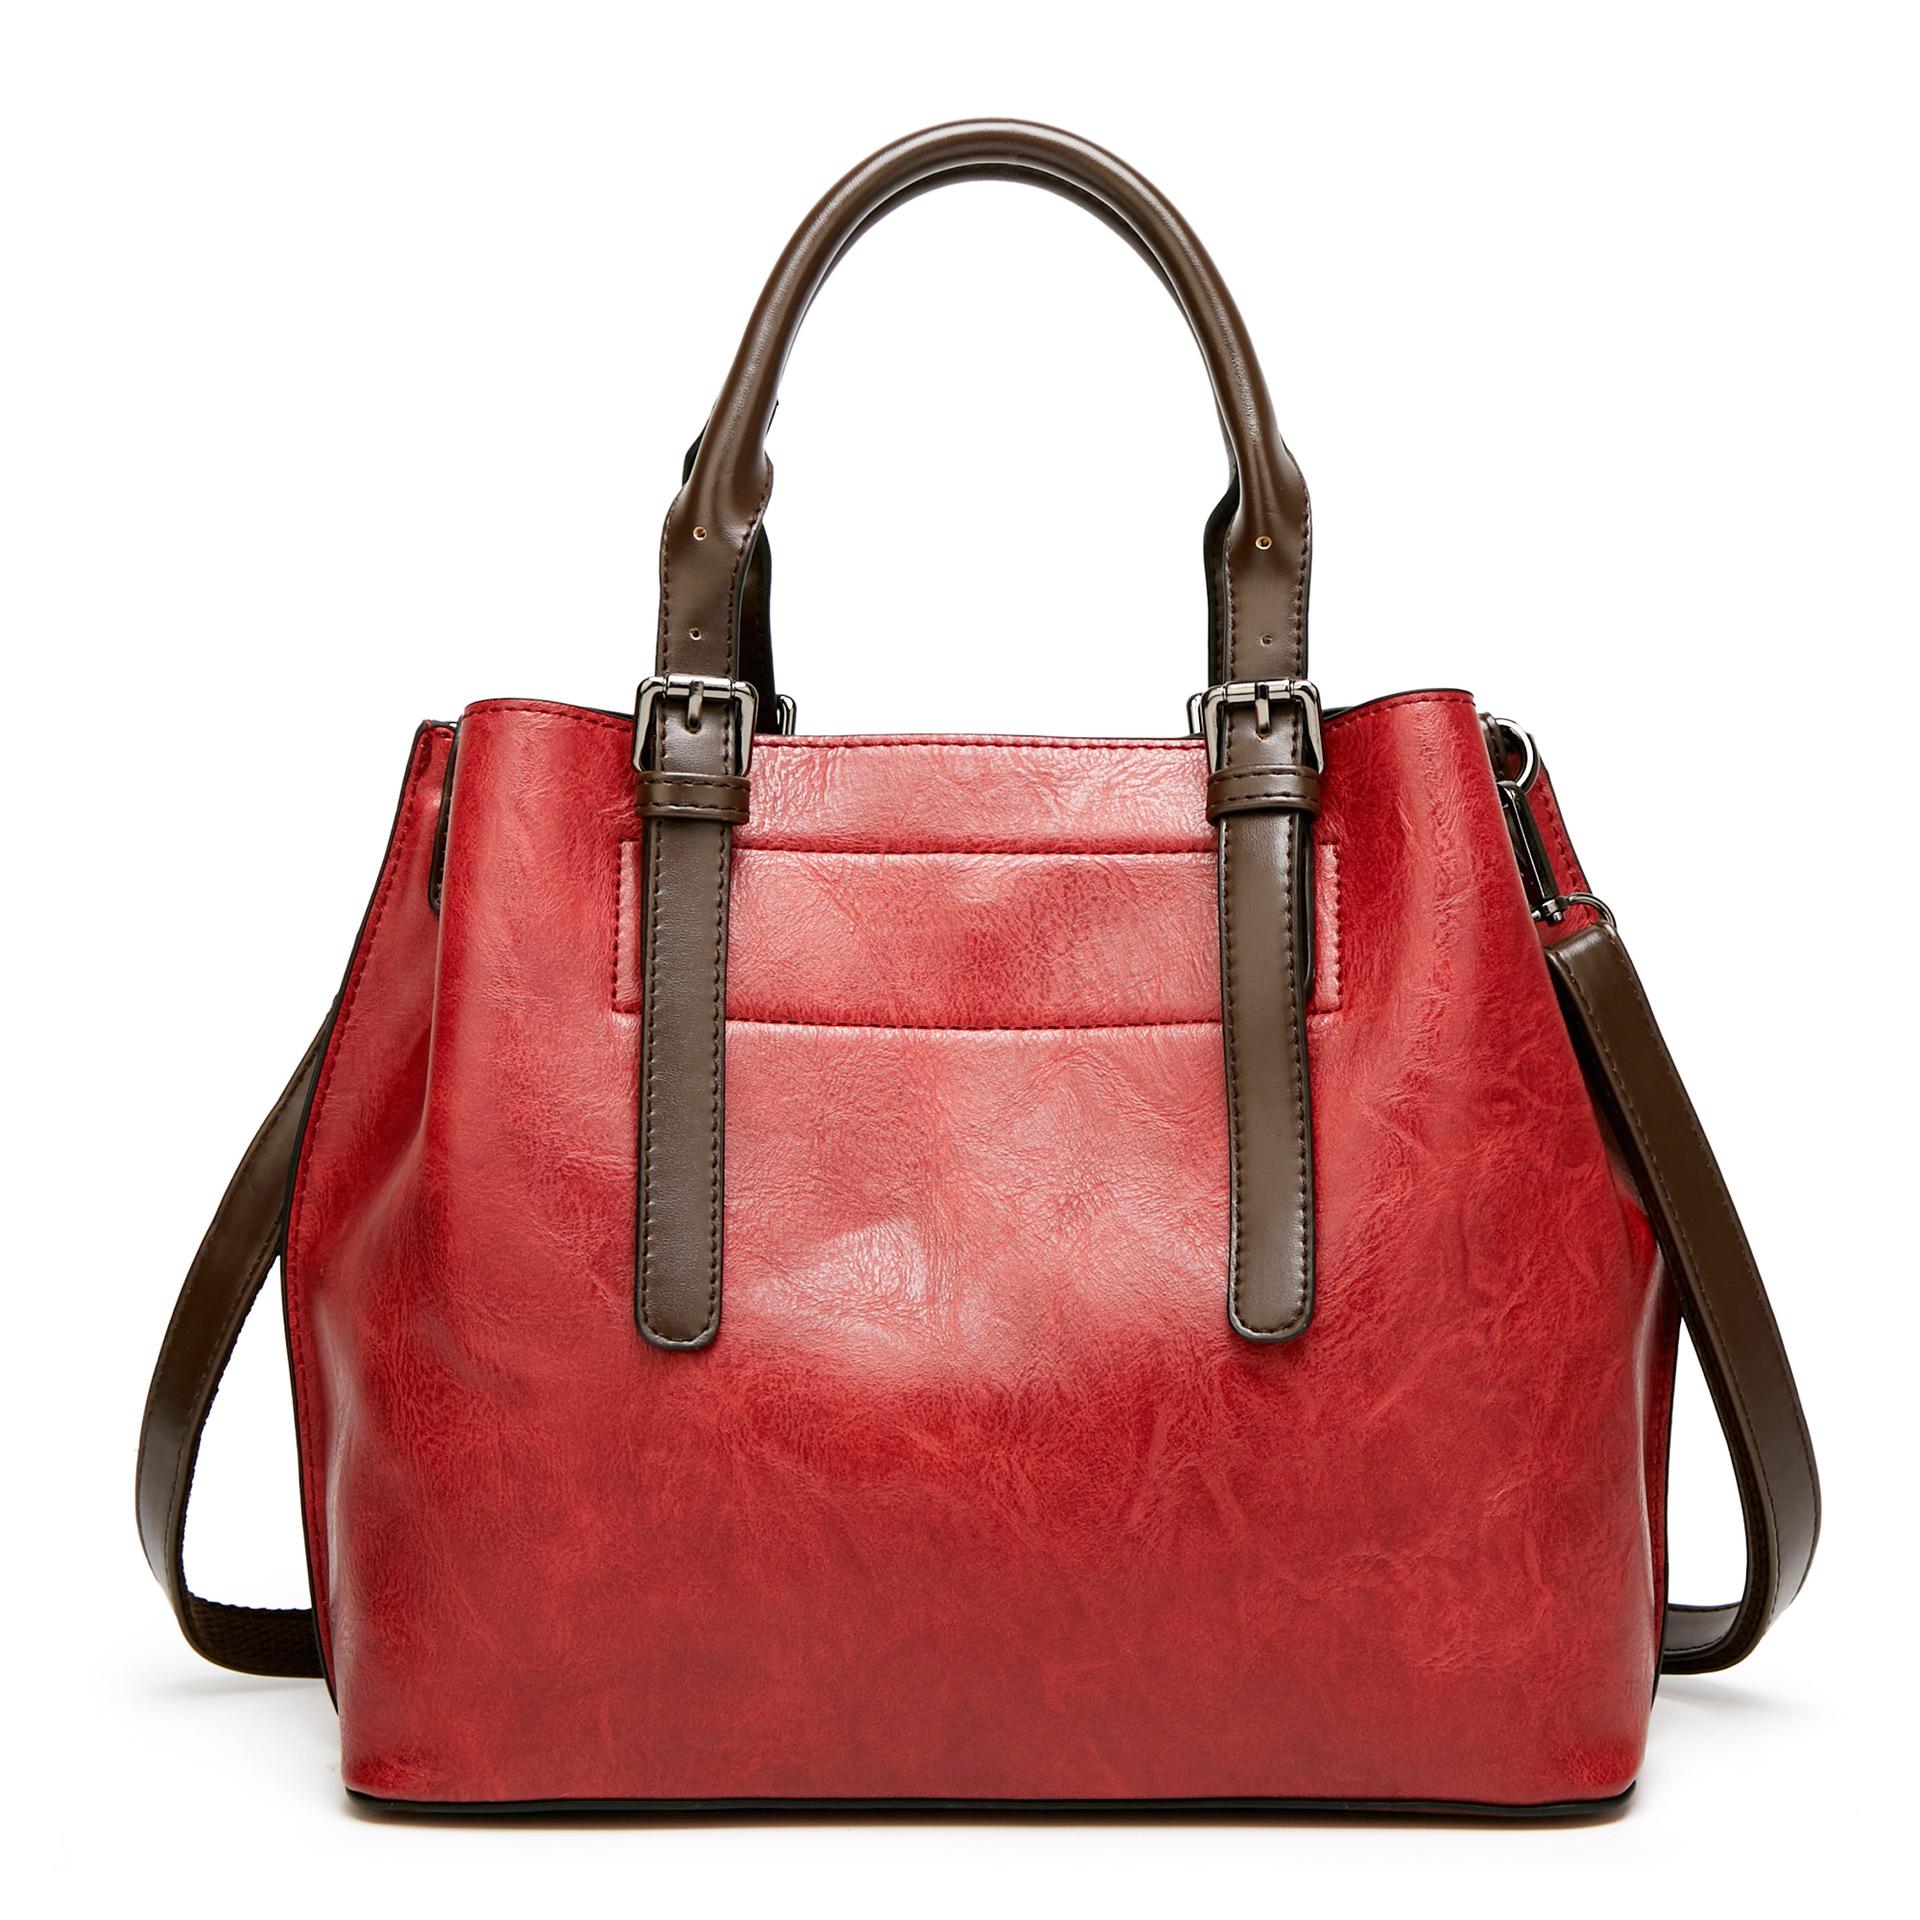 欧美手提包 C2019新款女包欧美时尚手提包单肩包女士包F0421980_推荐淘宝好看的女欧美手提包